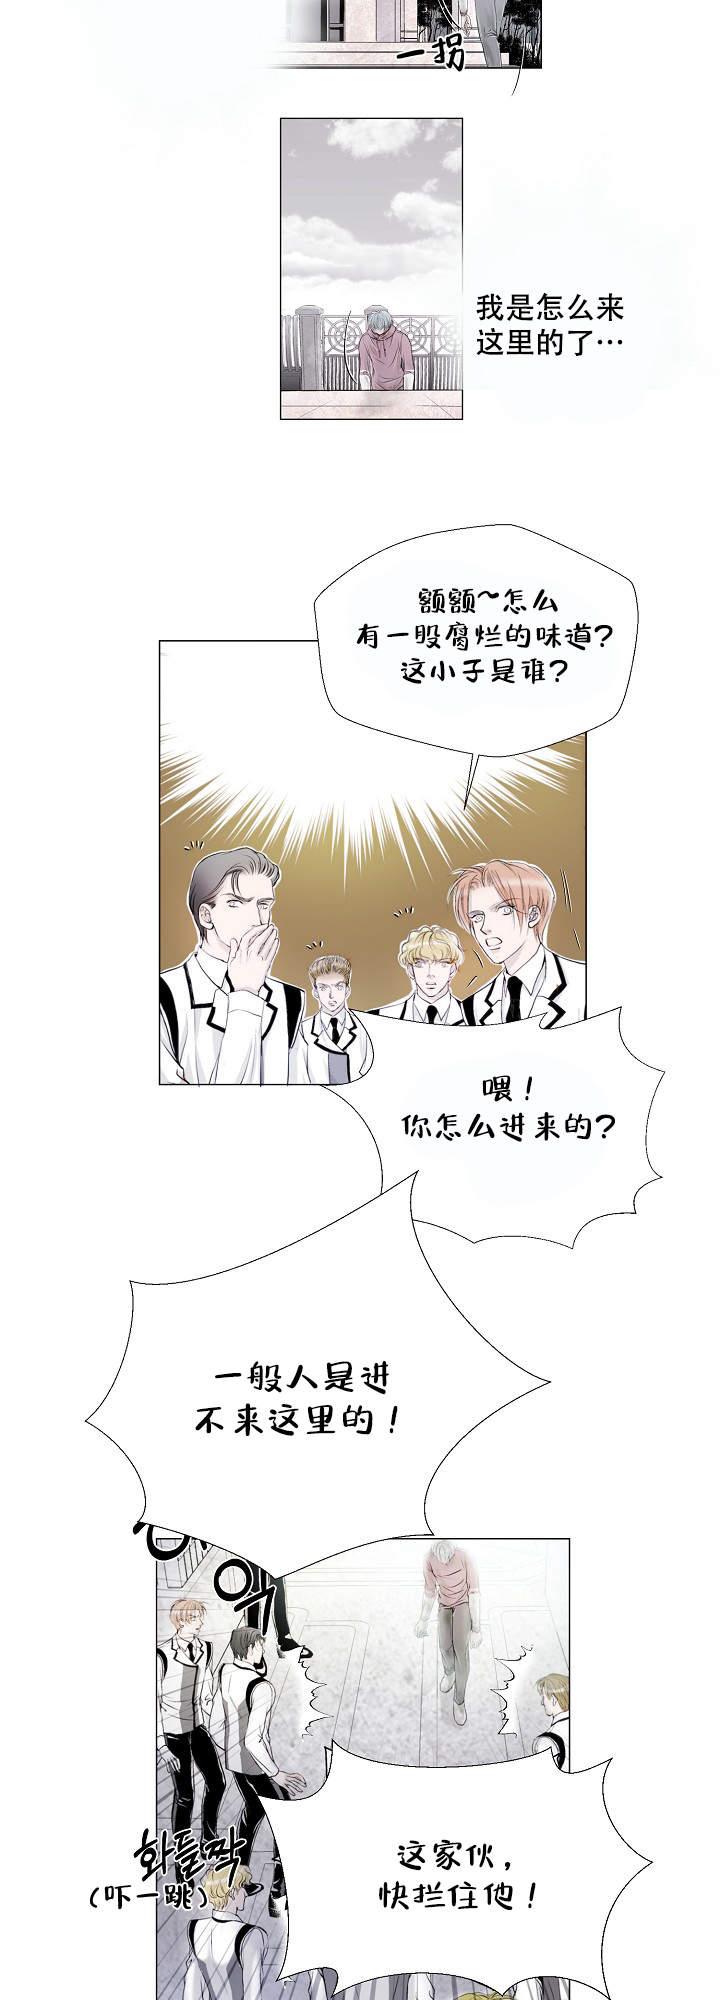 吸血鬼BEAST-漫画完整版汉化_最新连载免费阅读-啵乐漫画